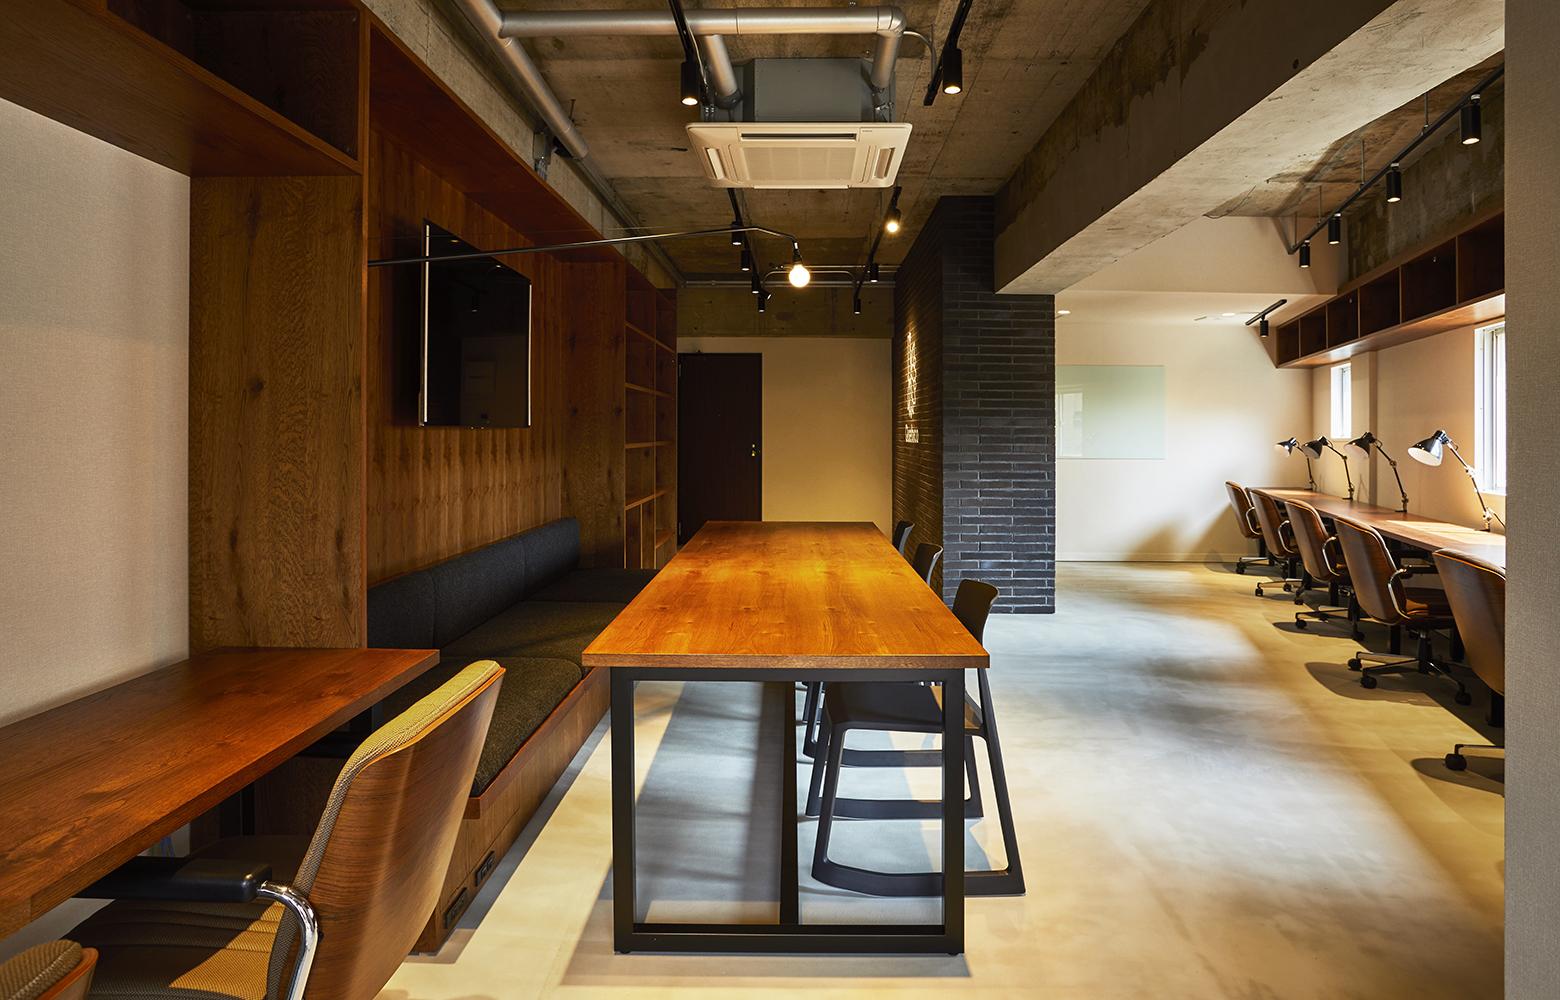 Quebico株式会社 Meeting Space_2 デザイン・レイアウト事例